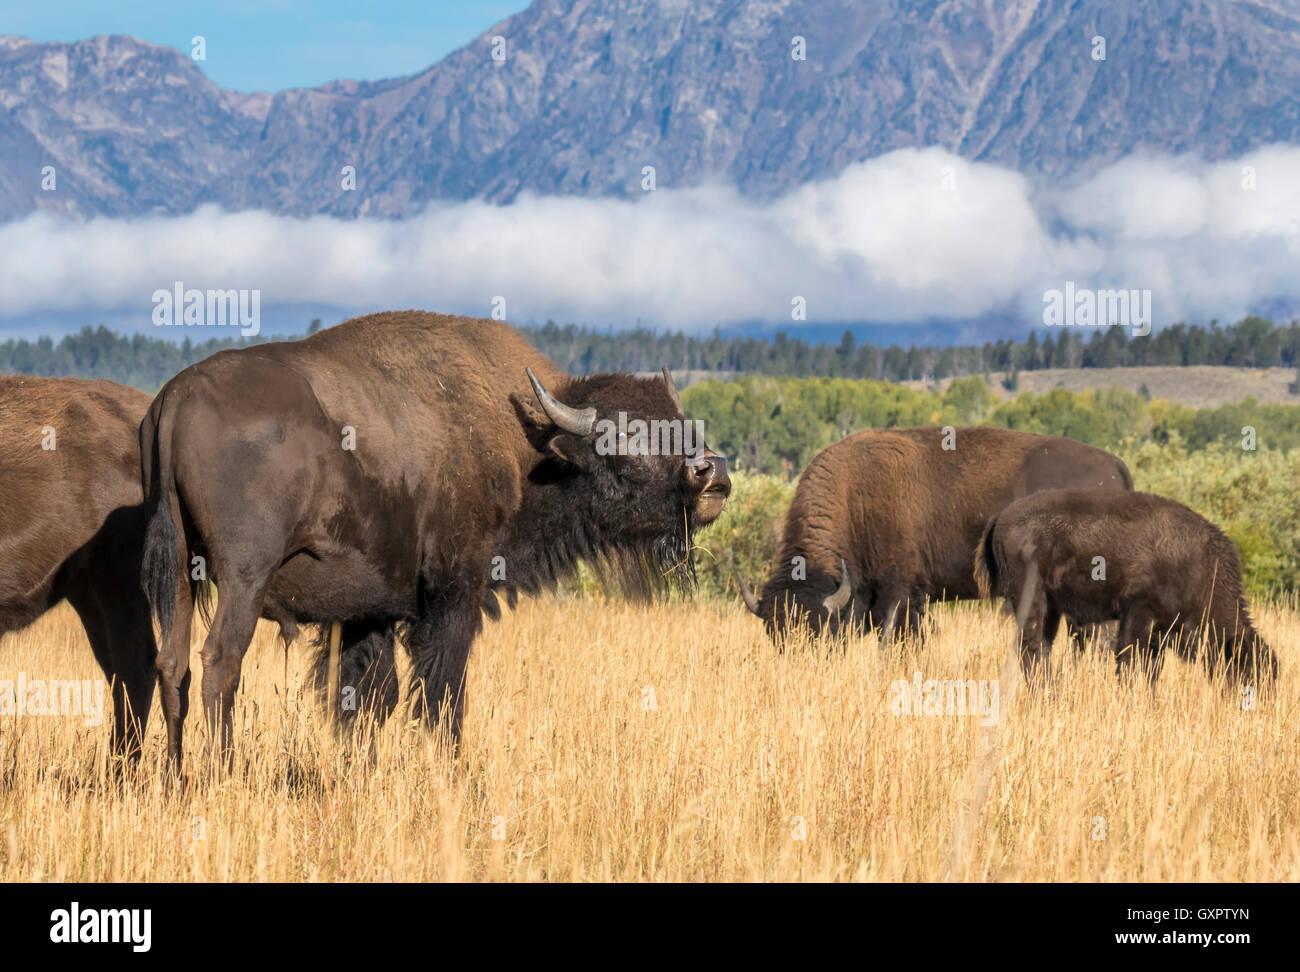 American el bisonte (Bison bison) pastoreo en Highland prairie, parque nacional Grand Teton, Wyoming, EE.UU. Imagen De Stock